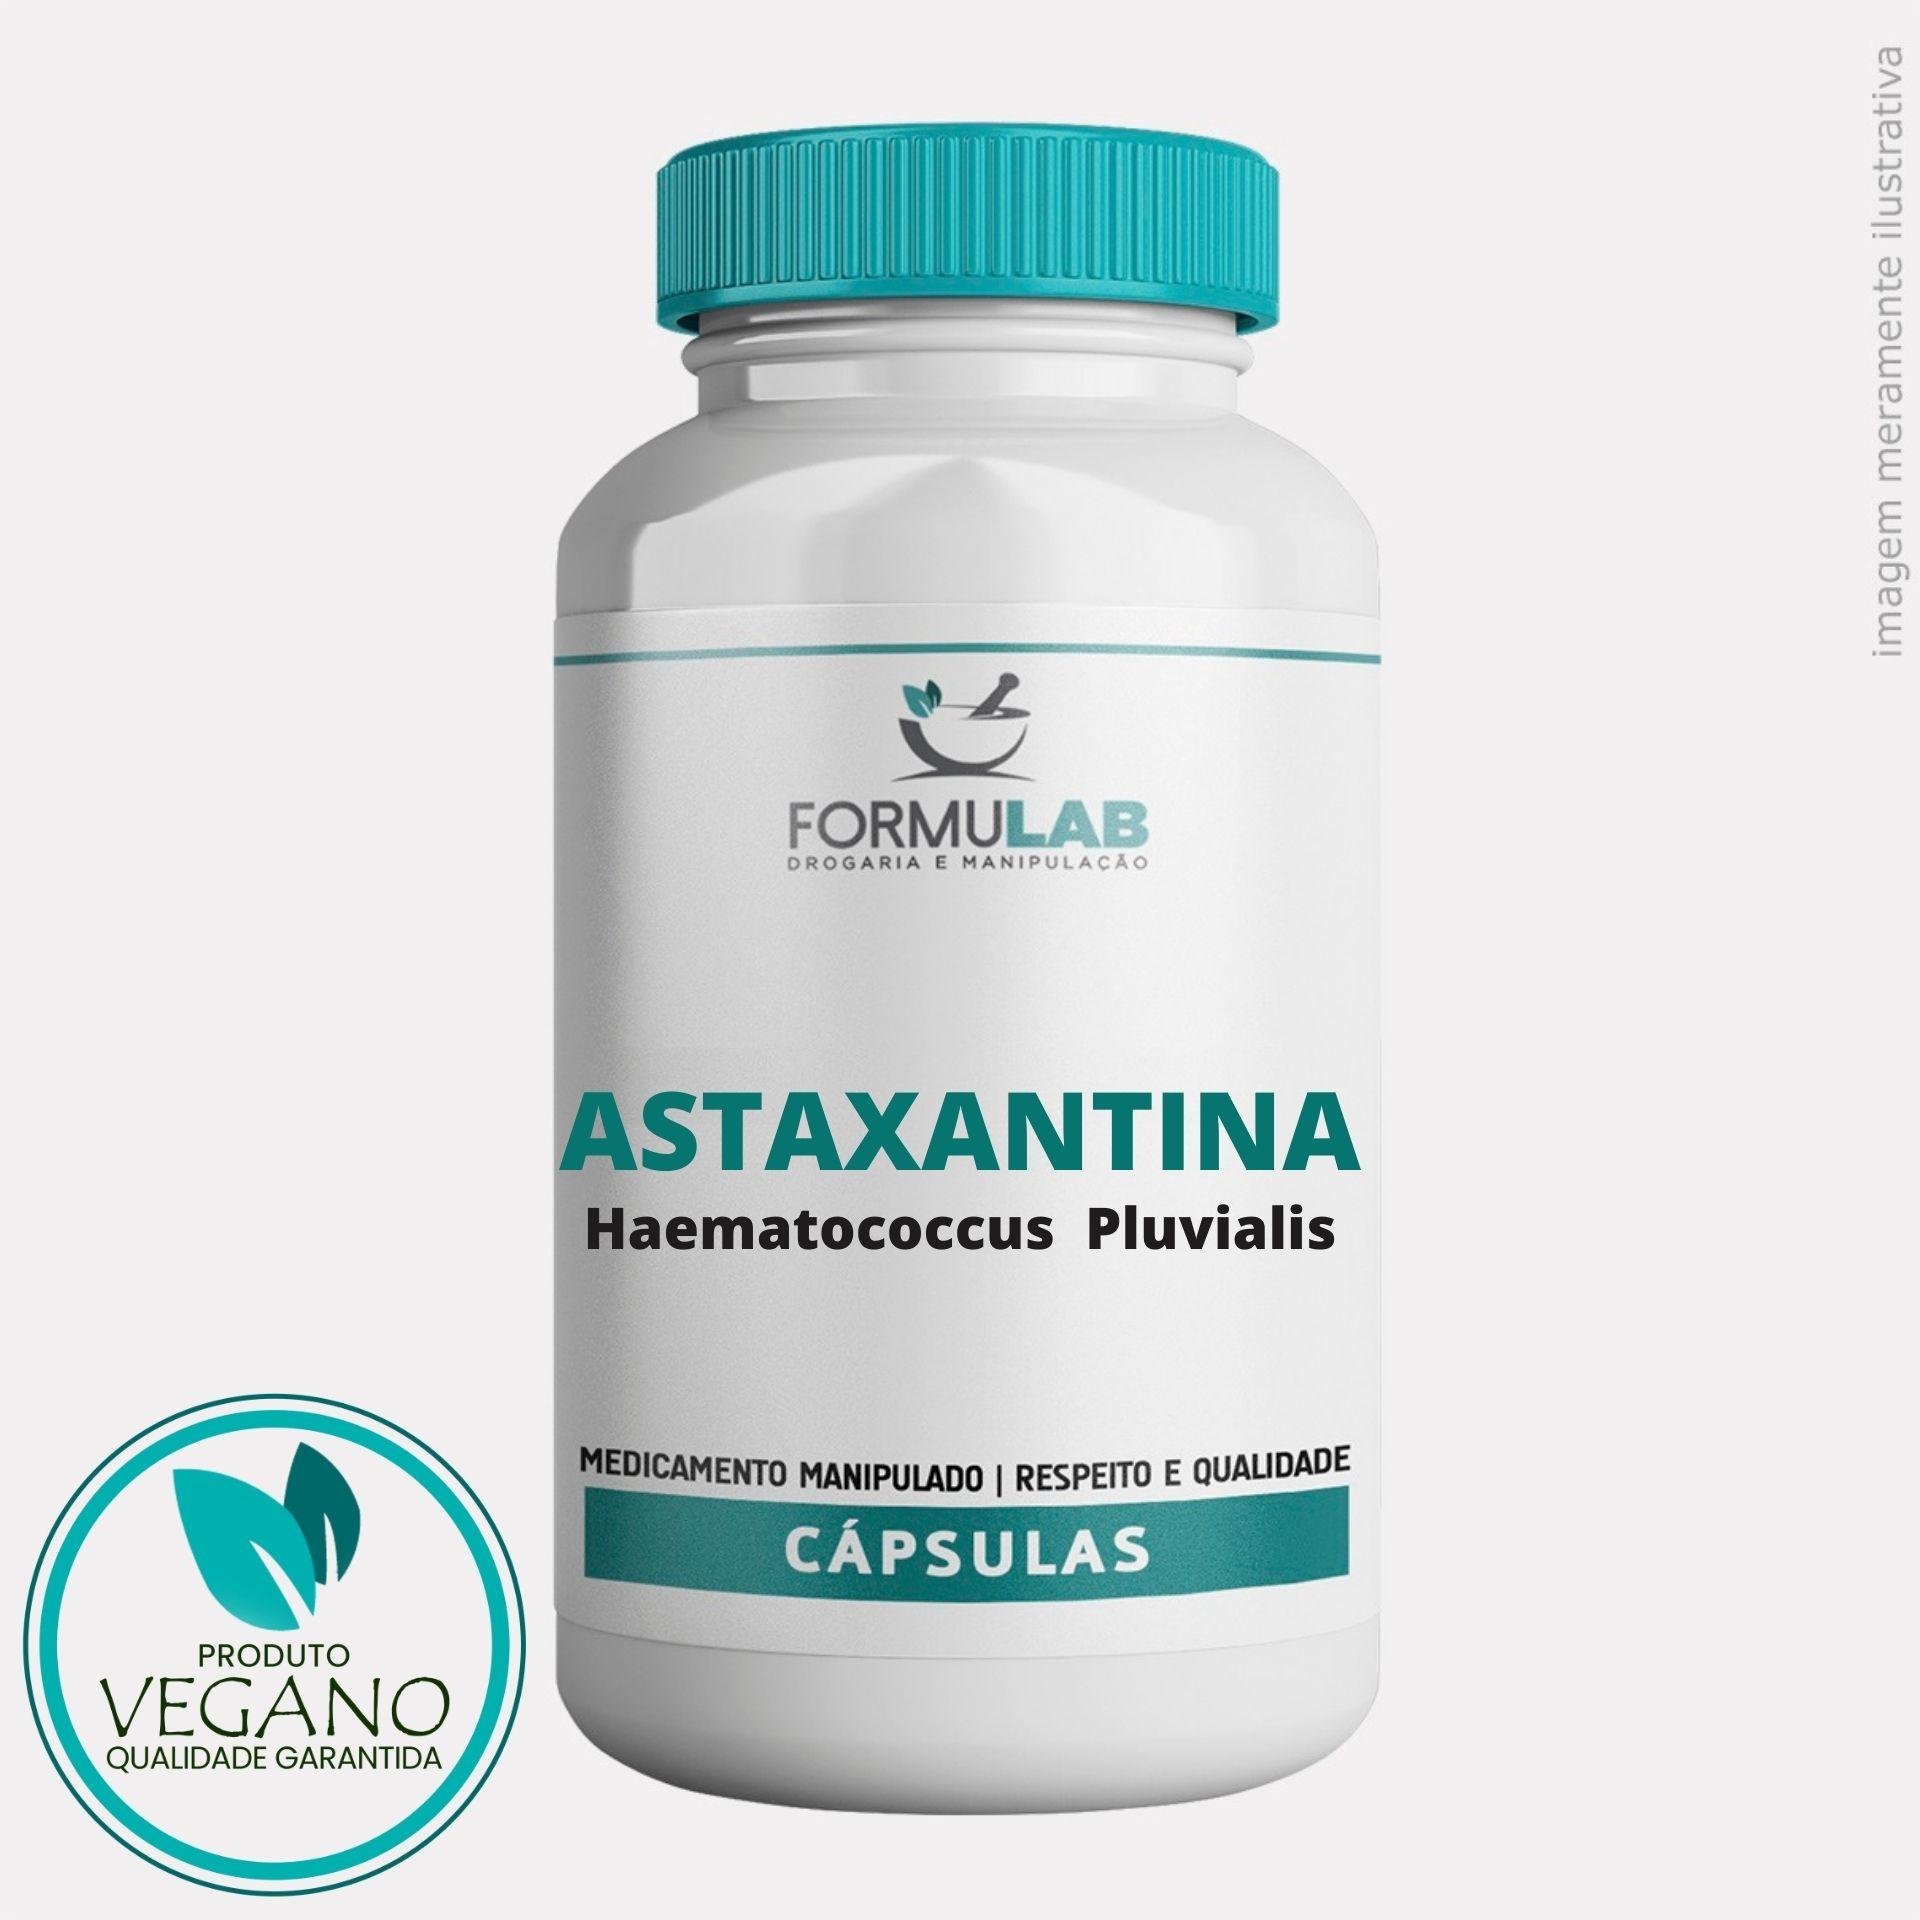 Astaxantina 50mg - Haematococcus Pluvialis VEGAN